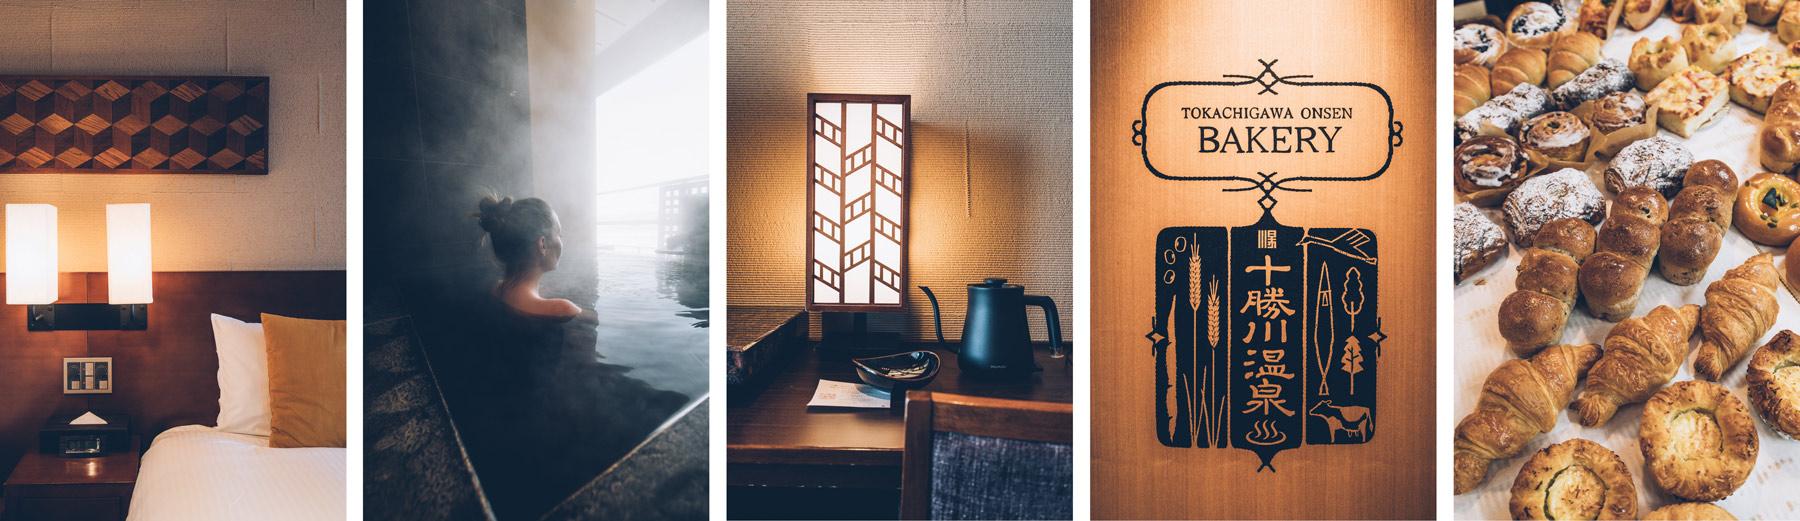 Hotel Tokachigawa Daiichi, Hokkaido, Onsen privative